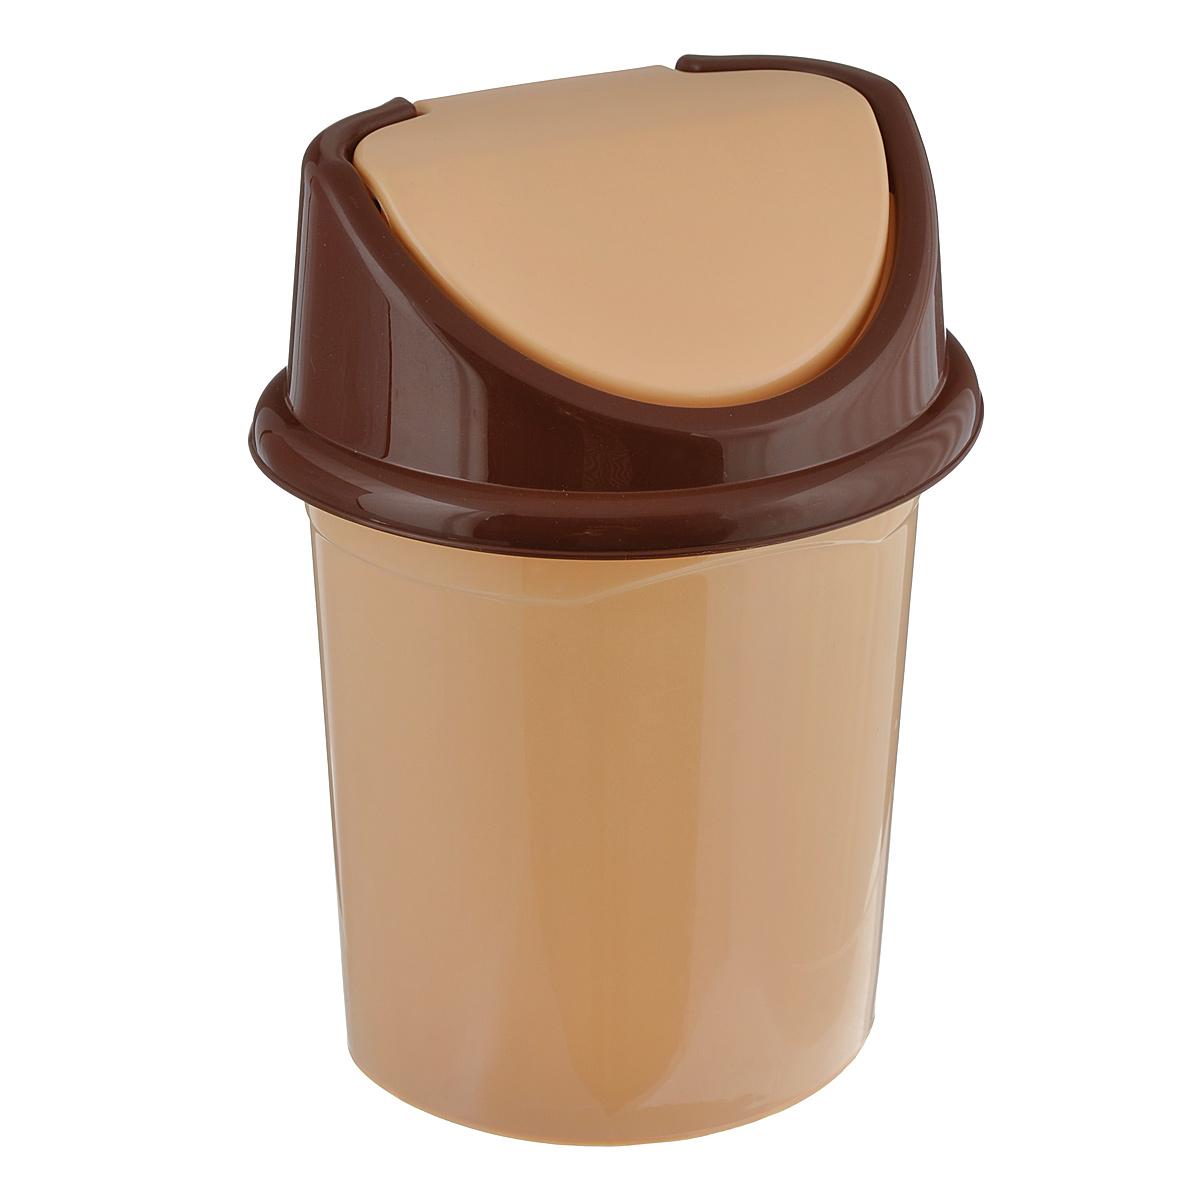 Контейнер для мусора Violet, цвет: бежевый, коричневый, 14 лCLP446Контейнер для мусора Violet изготовлен из прочного пластика. Контейнер снабжен удобной съемной крышкой с подвижной перегородкой. В нем удобно хранить мелкий мусор. Благодаря лаконичному дизайну такой контейнер идеально впишется в интерьер и дома, и офиса.Размер изделия: 29 см х 31,5 см х 45 см.